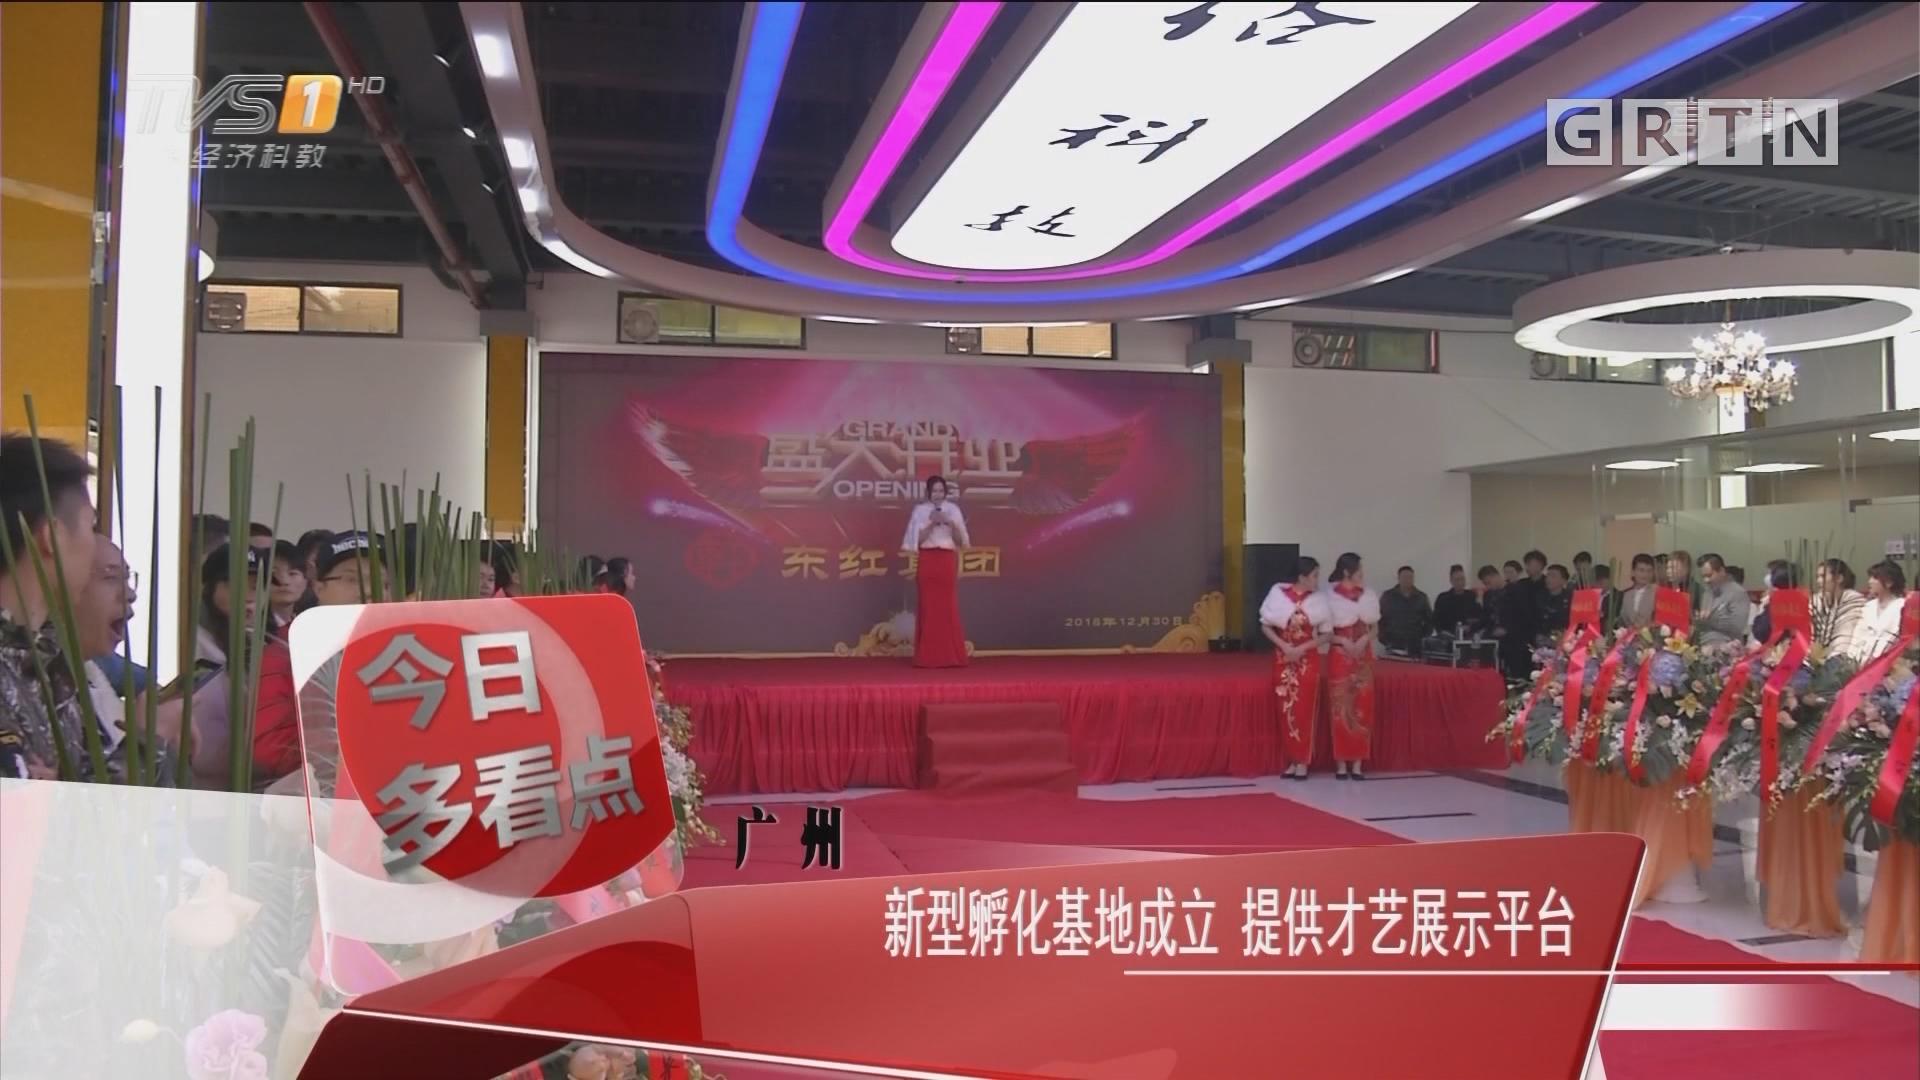 广州:新型孵化基地成立 提供才艺展示平台